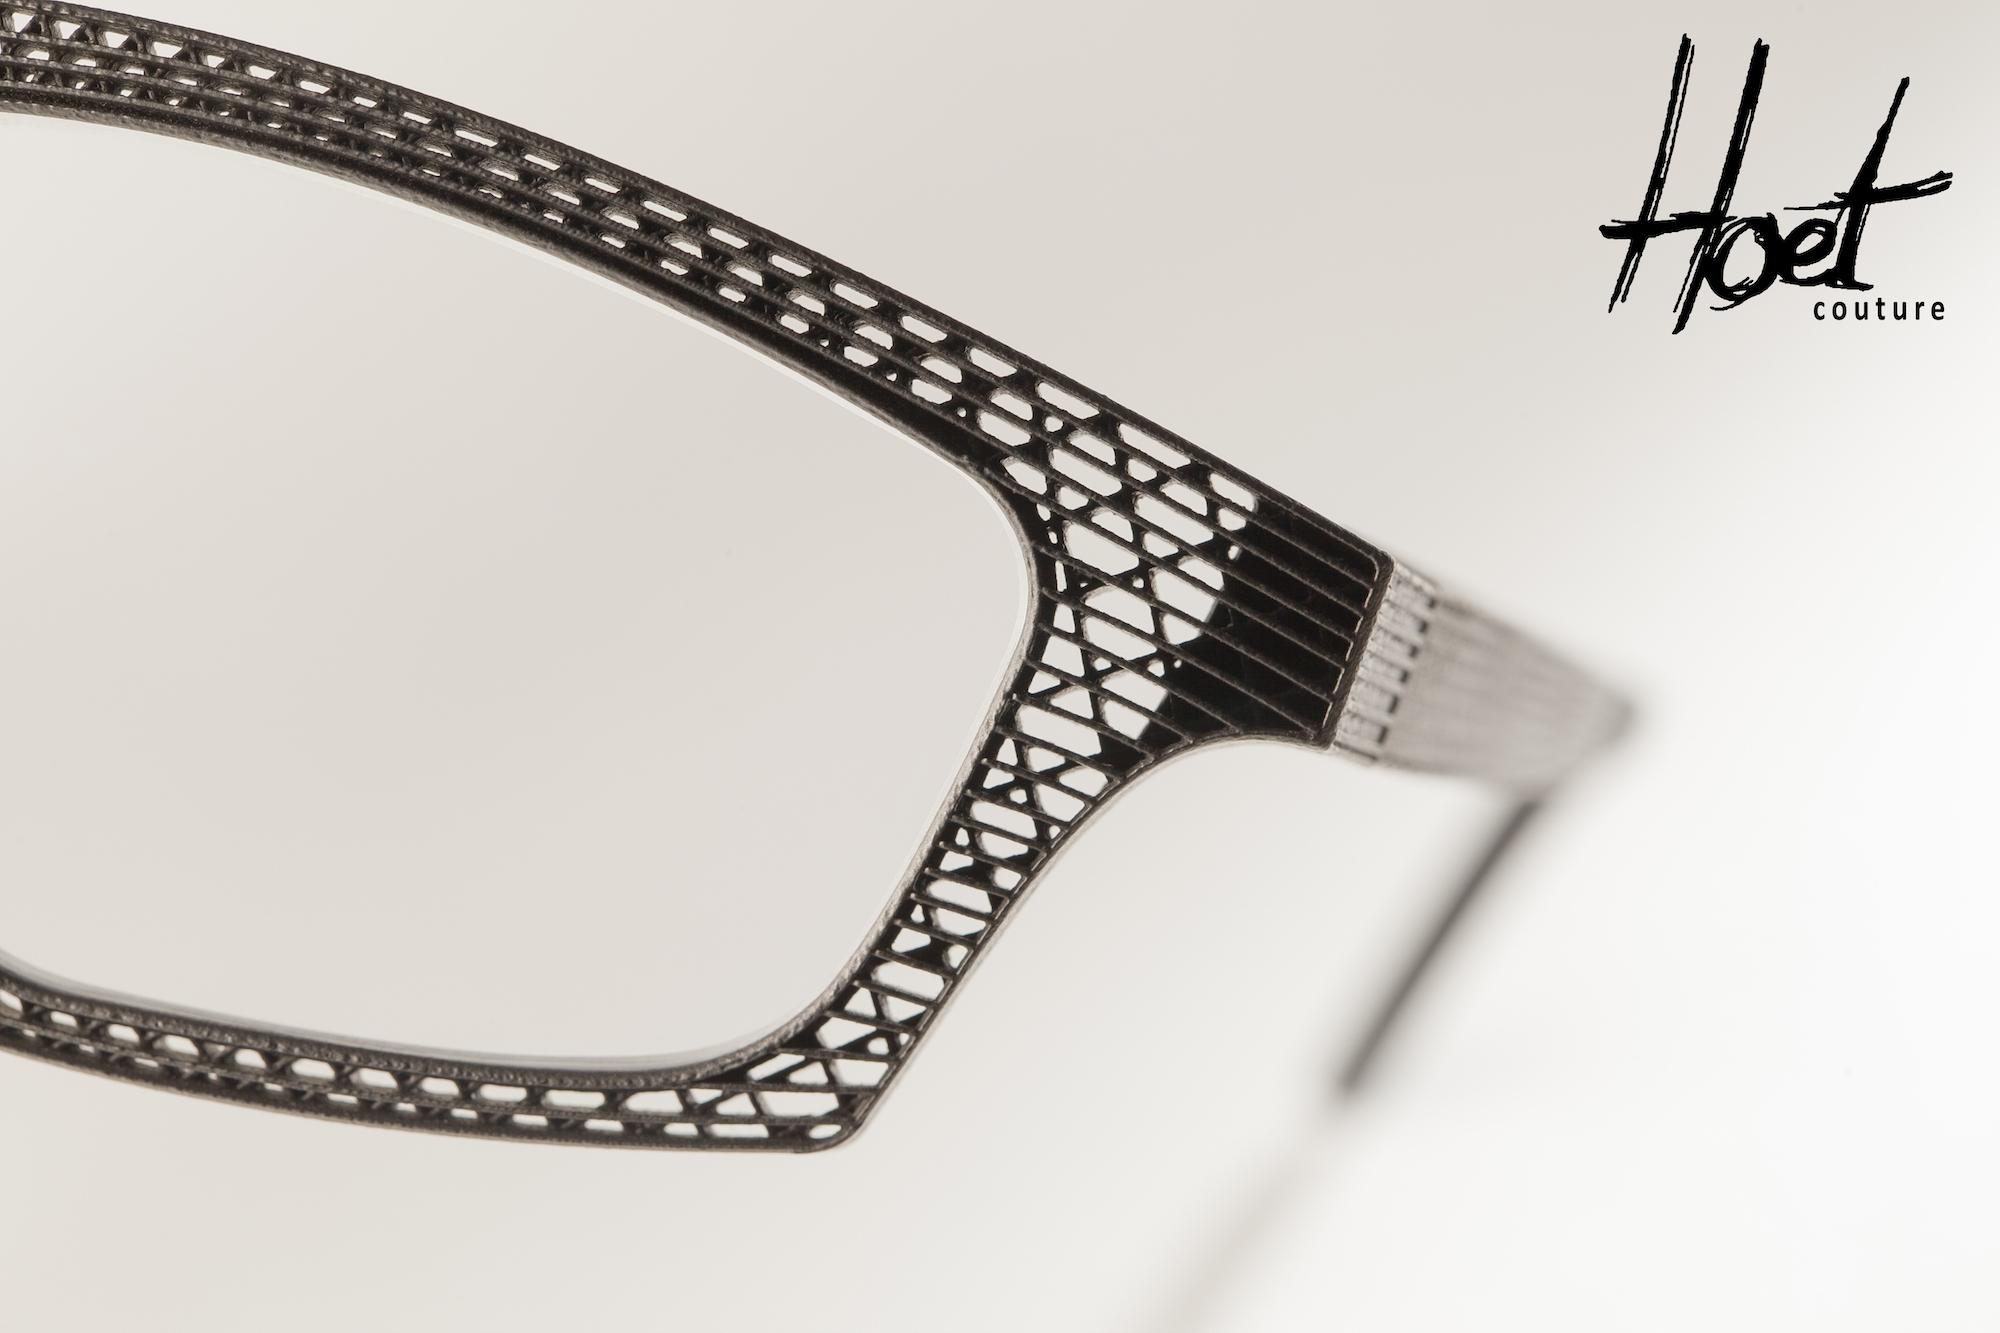 Lifestyle-Produkte: Hoet - Brillengestell aus Titan additiv ...